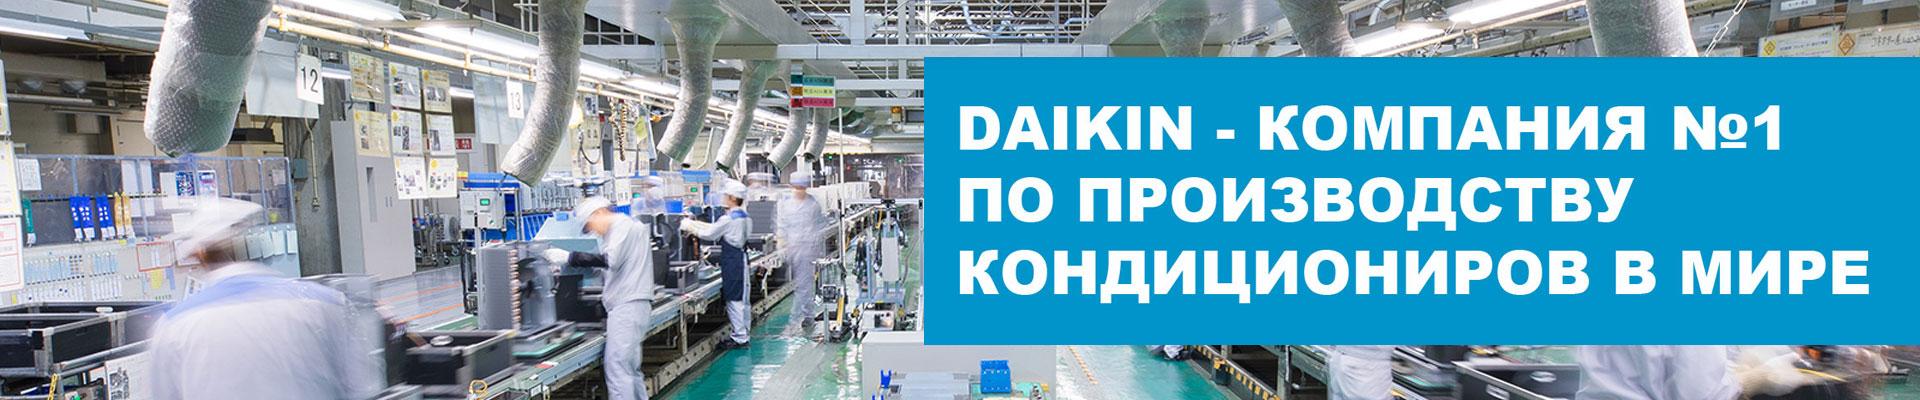 Daikin - Компания №1